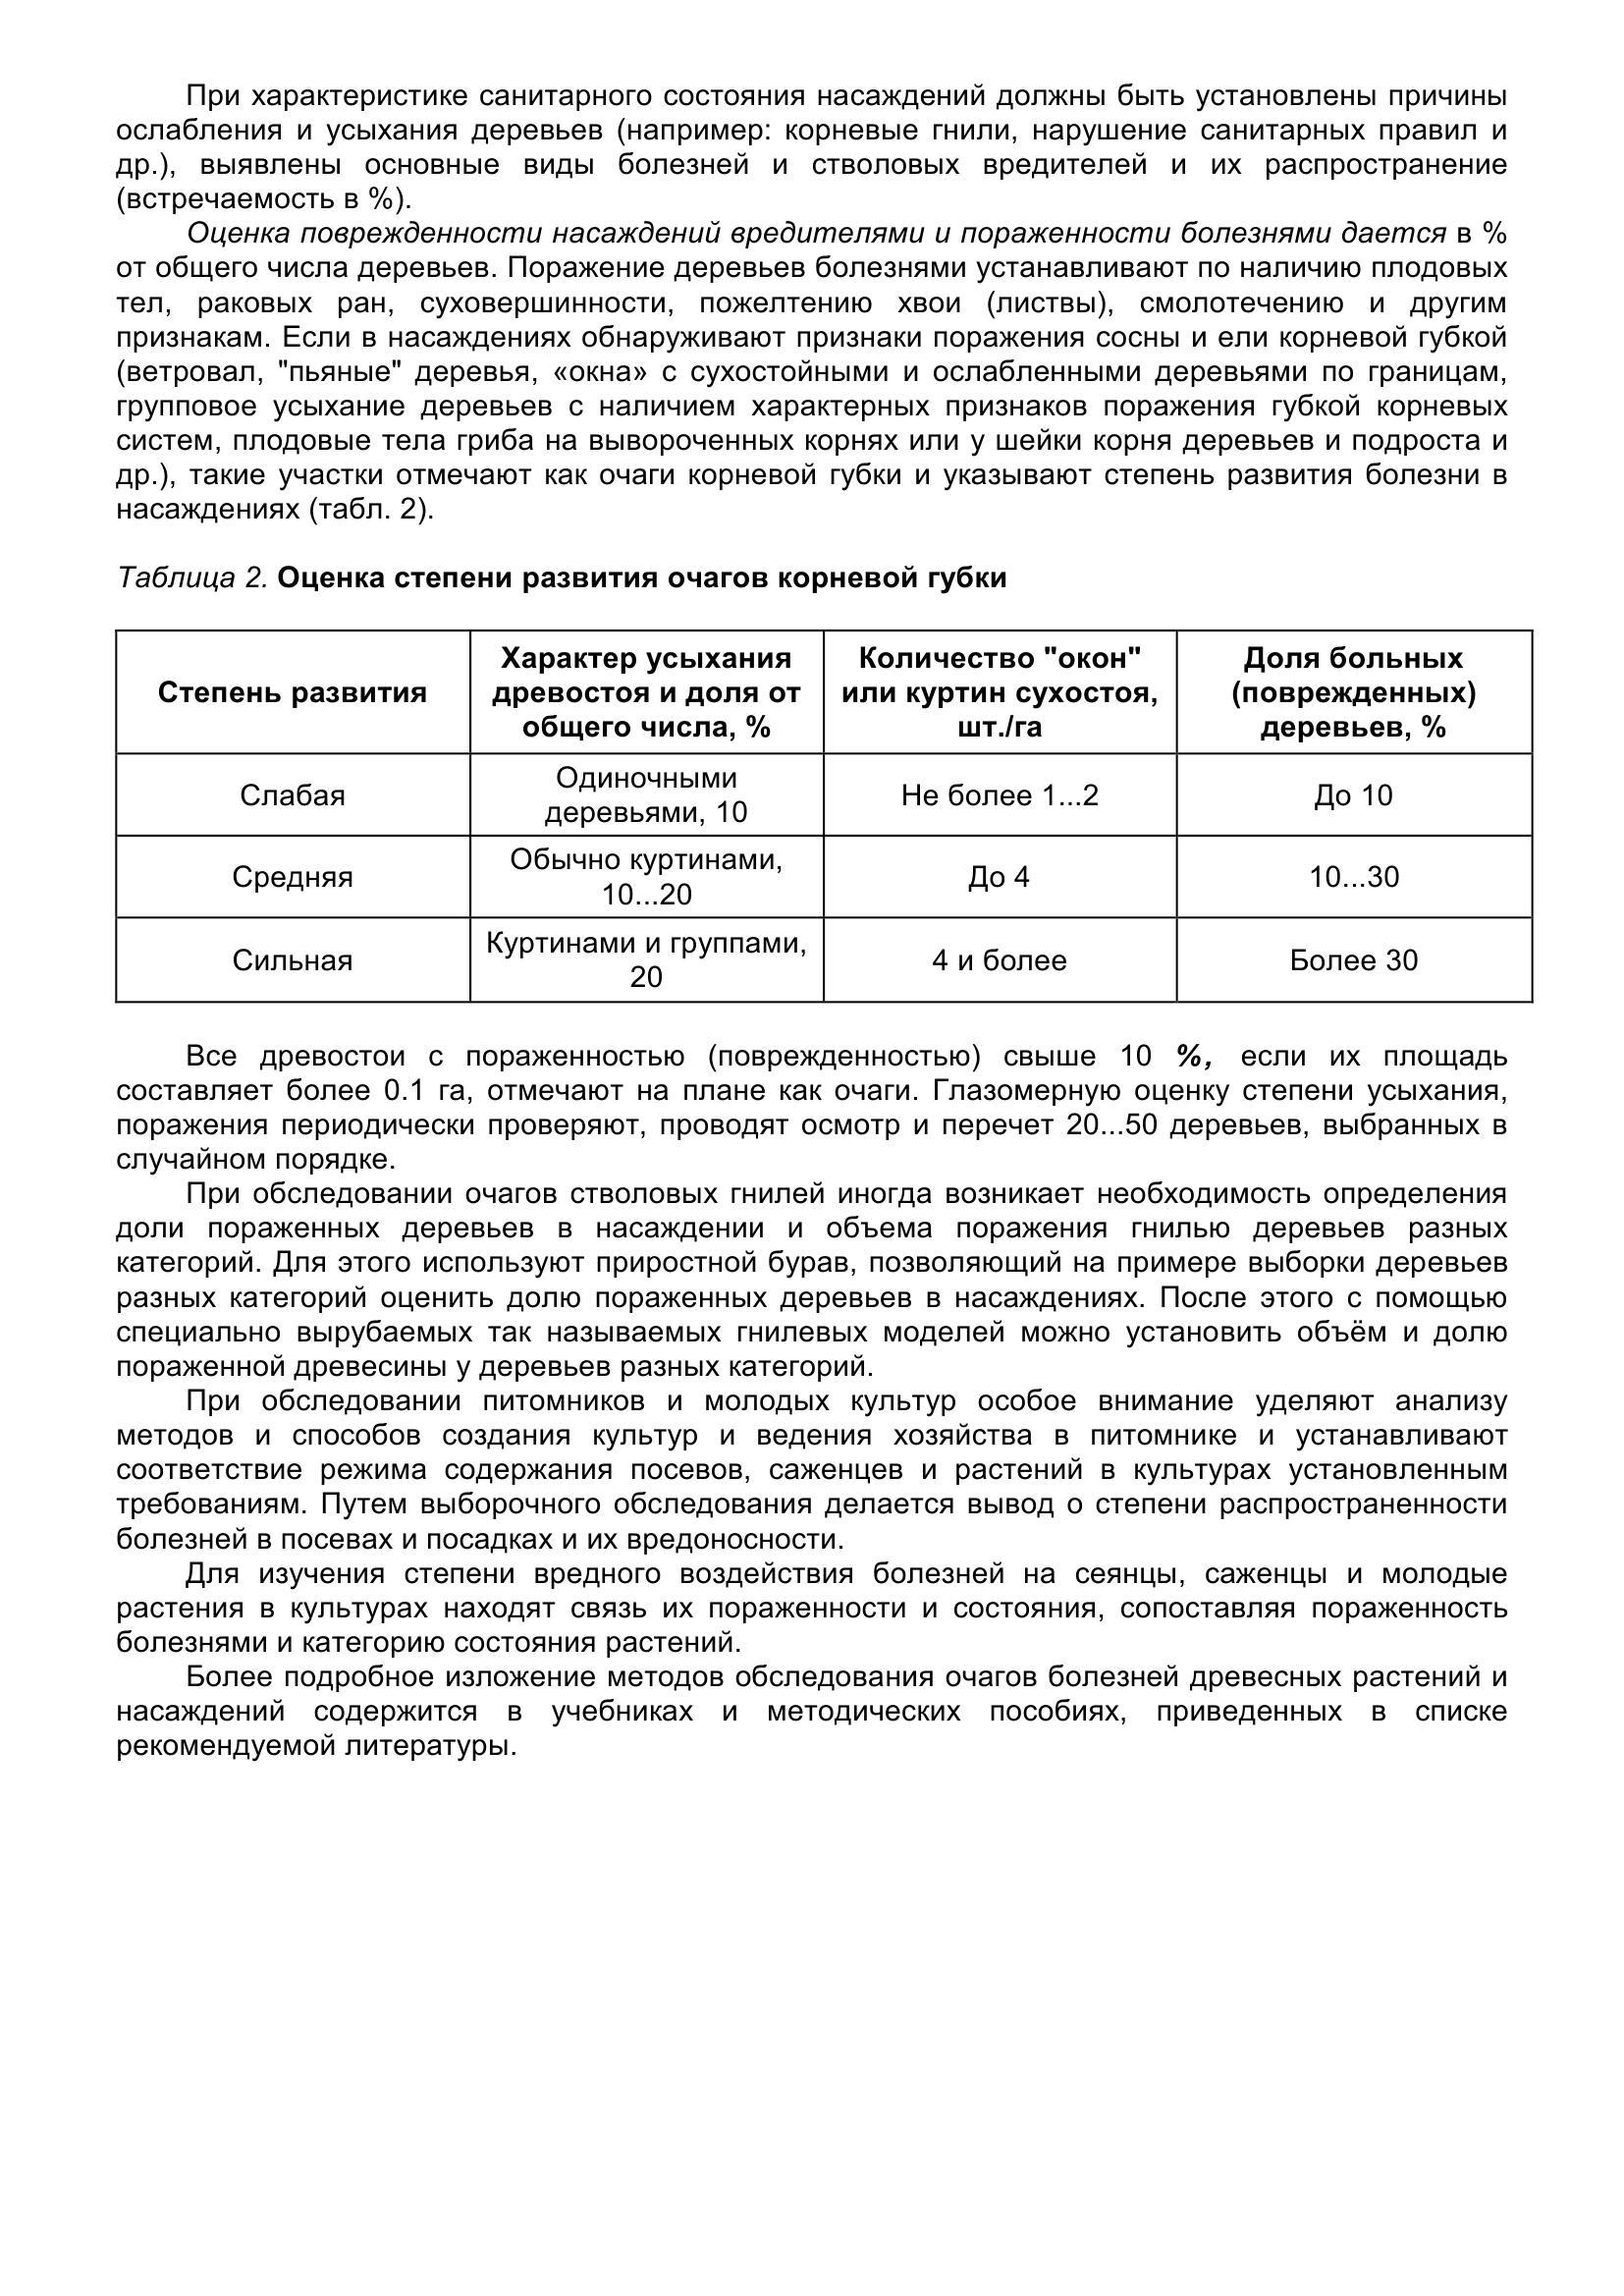 Болезни_древесных_растений_031.jpg